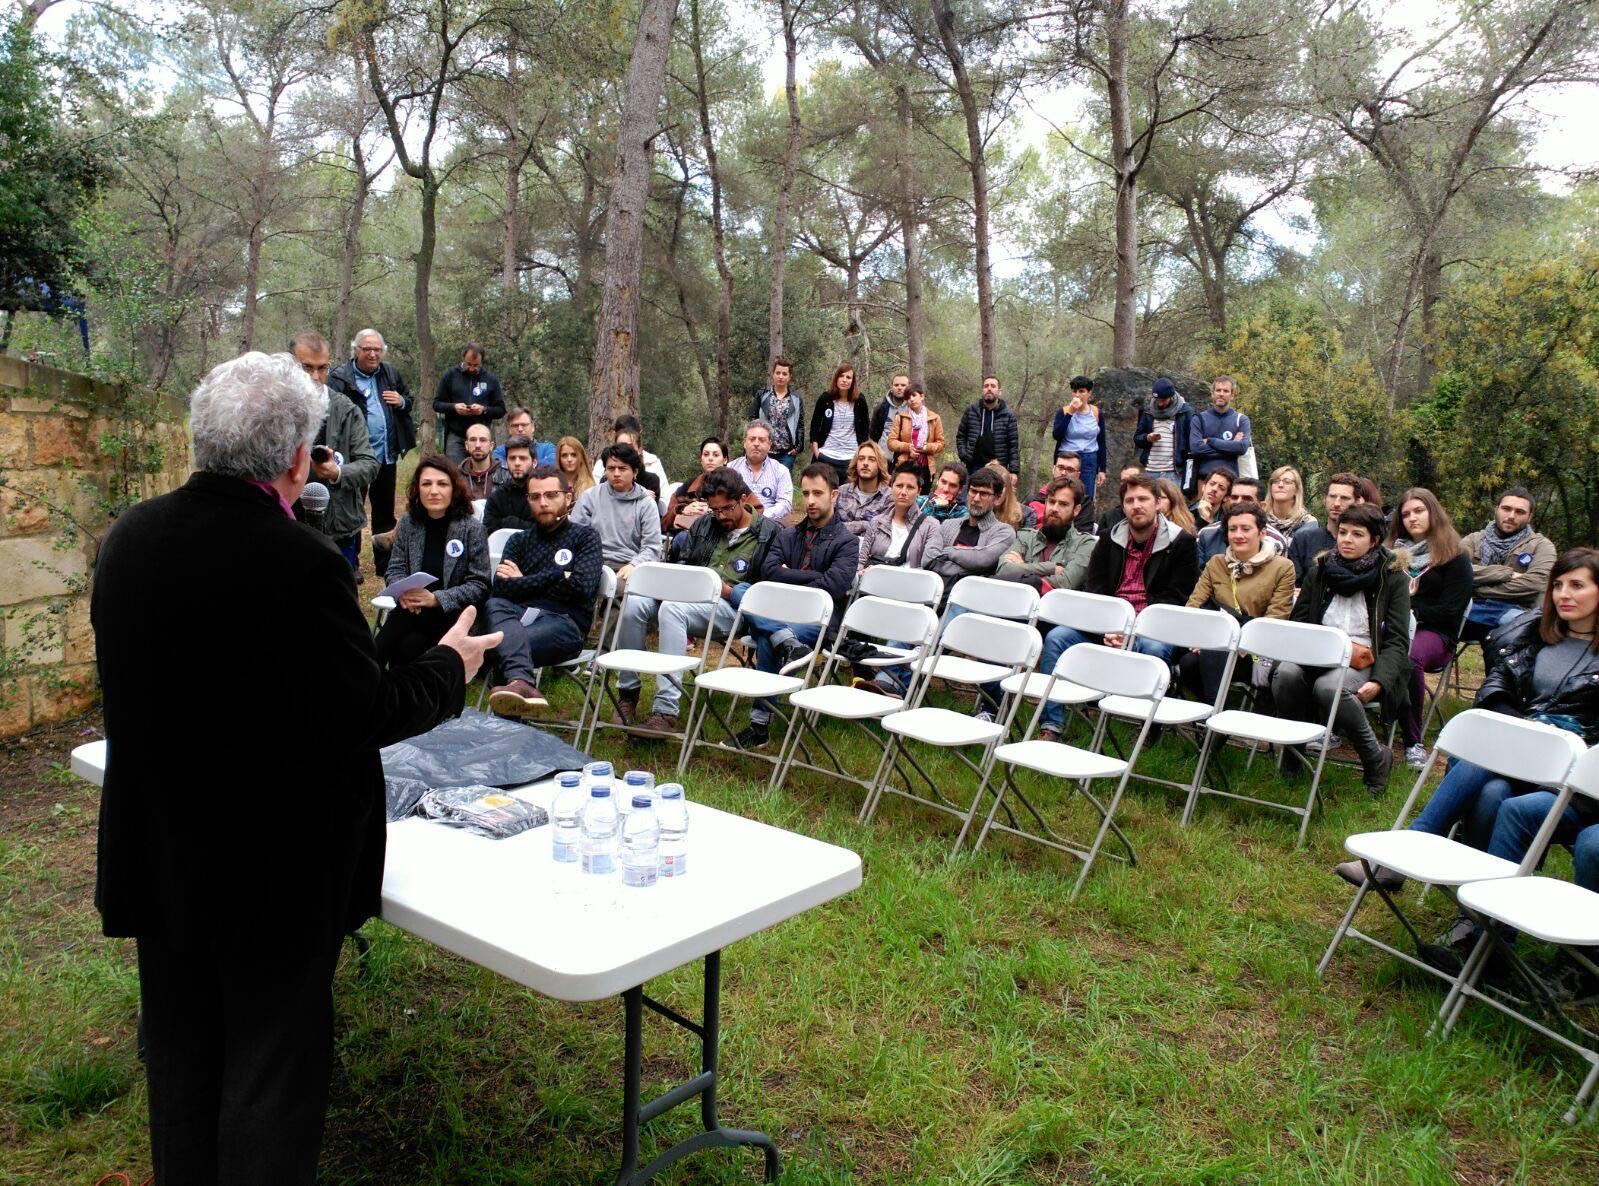 festival de disseny Petit Tarragona 2016